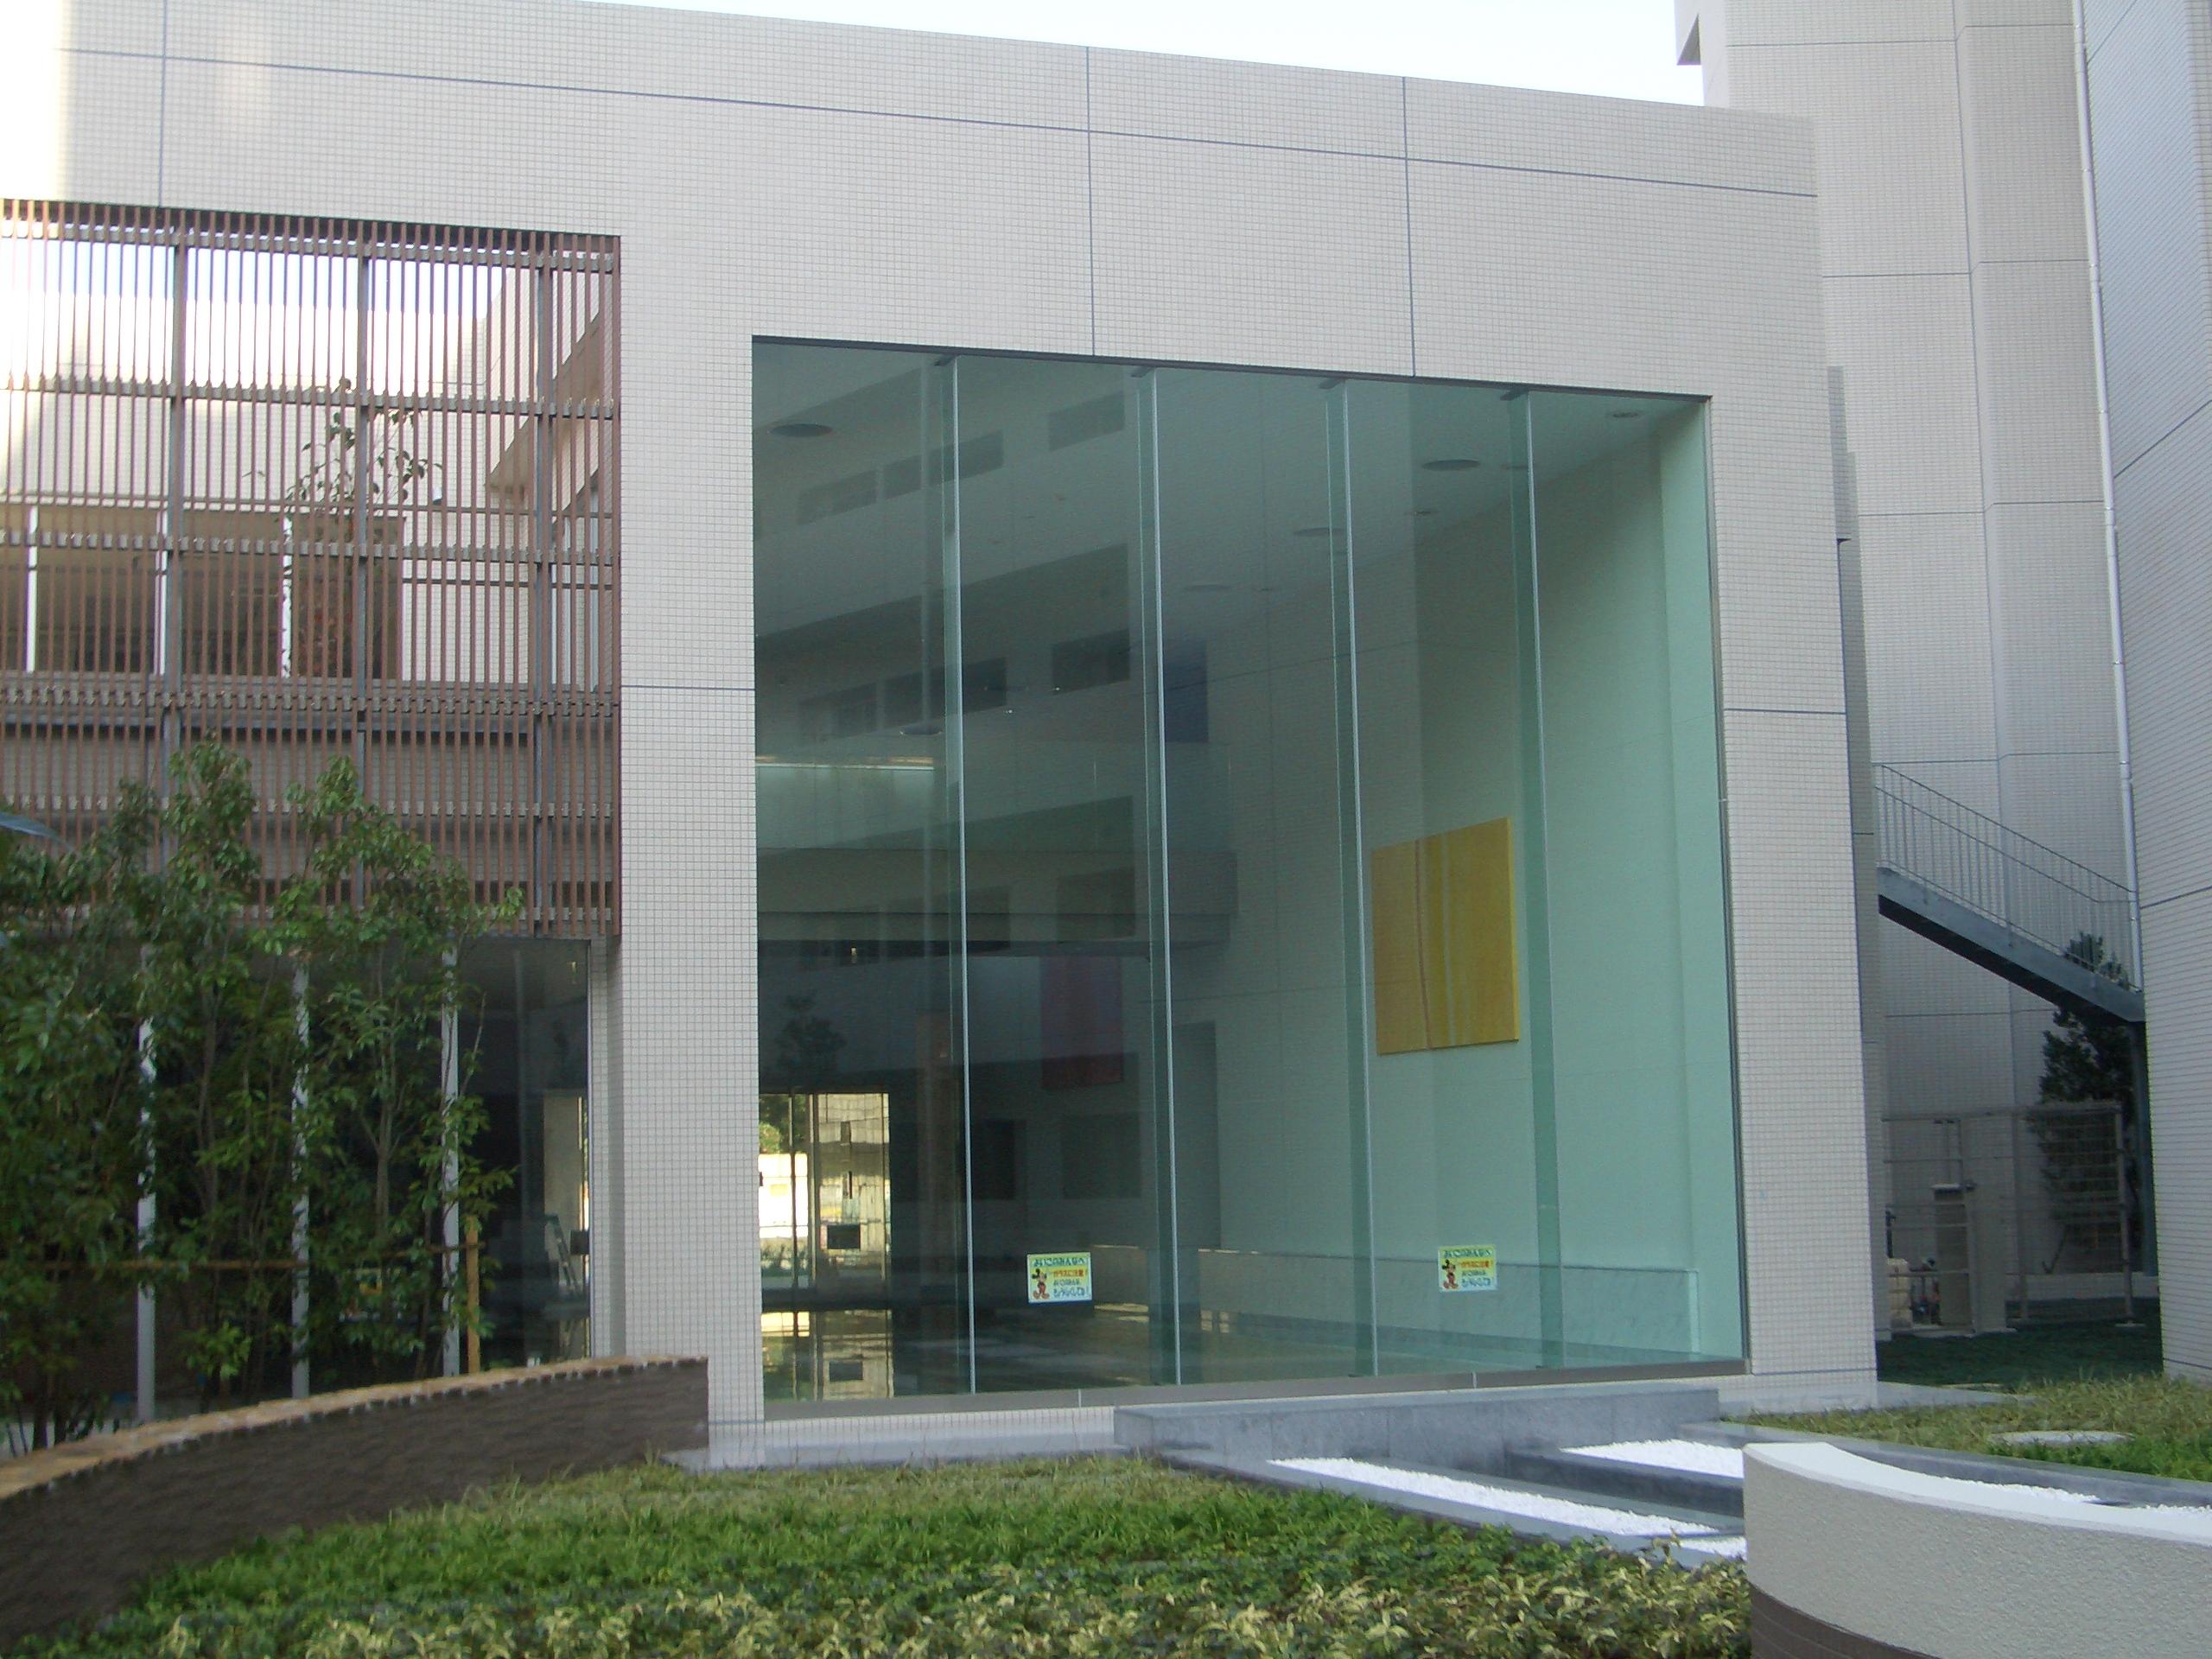 マンション エントランスホールの大きなガラス